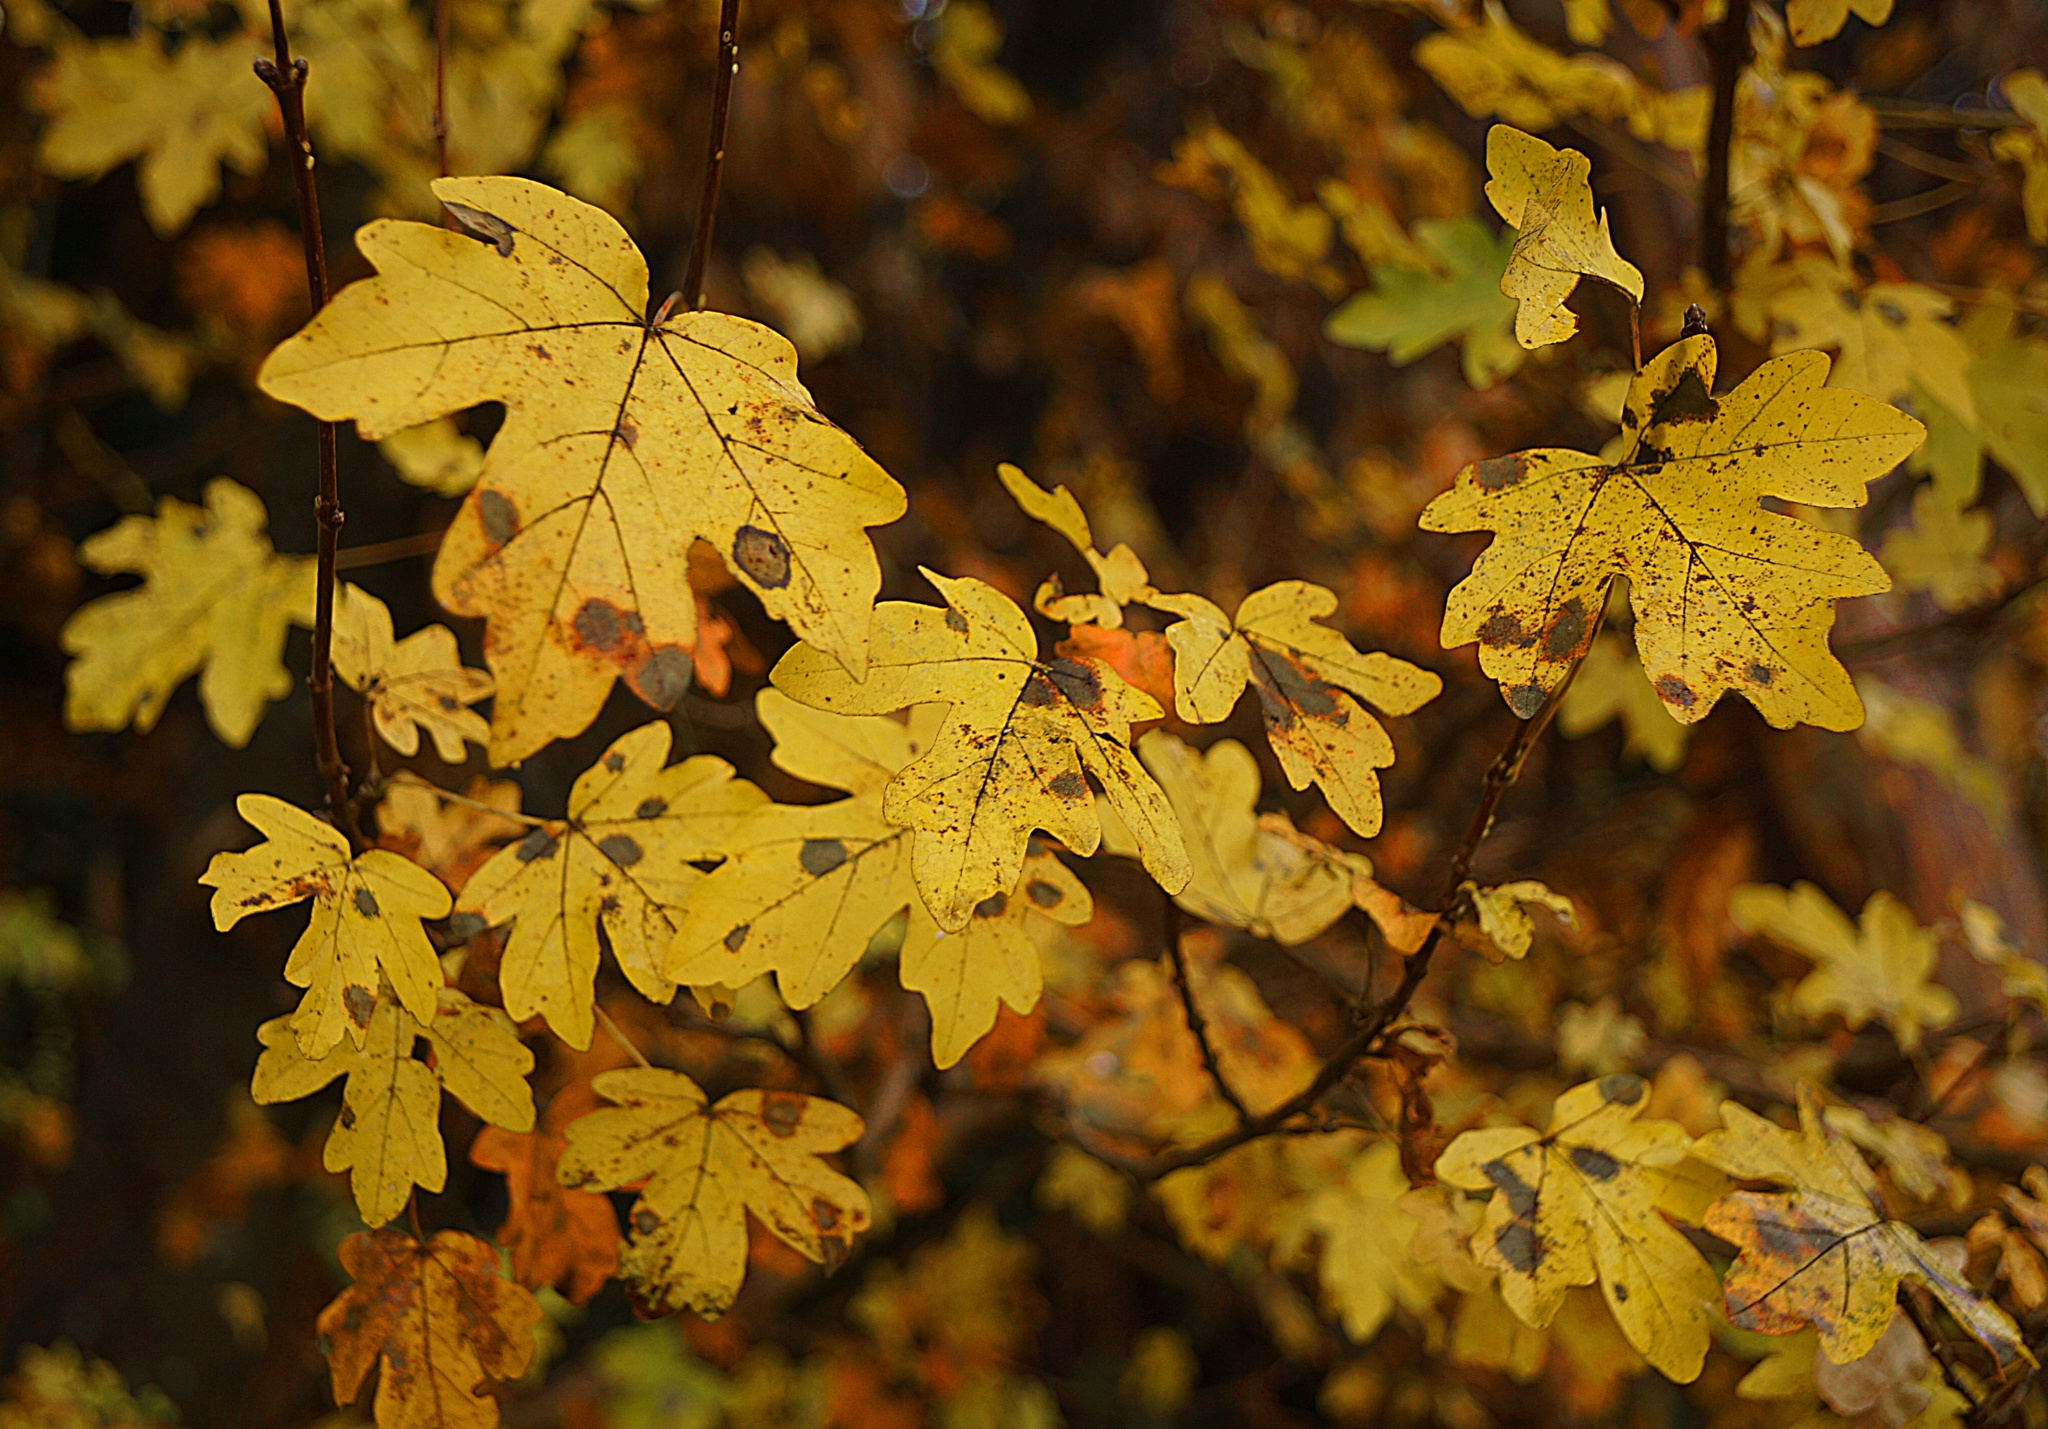 Autumn leaves by sreten nakićenović